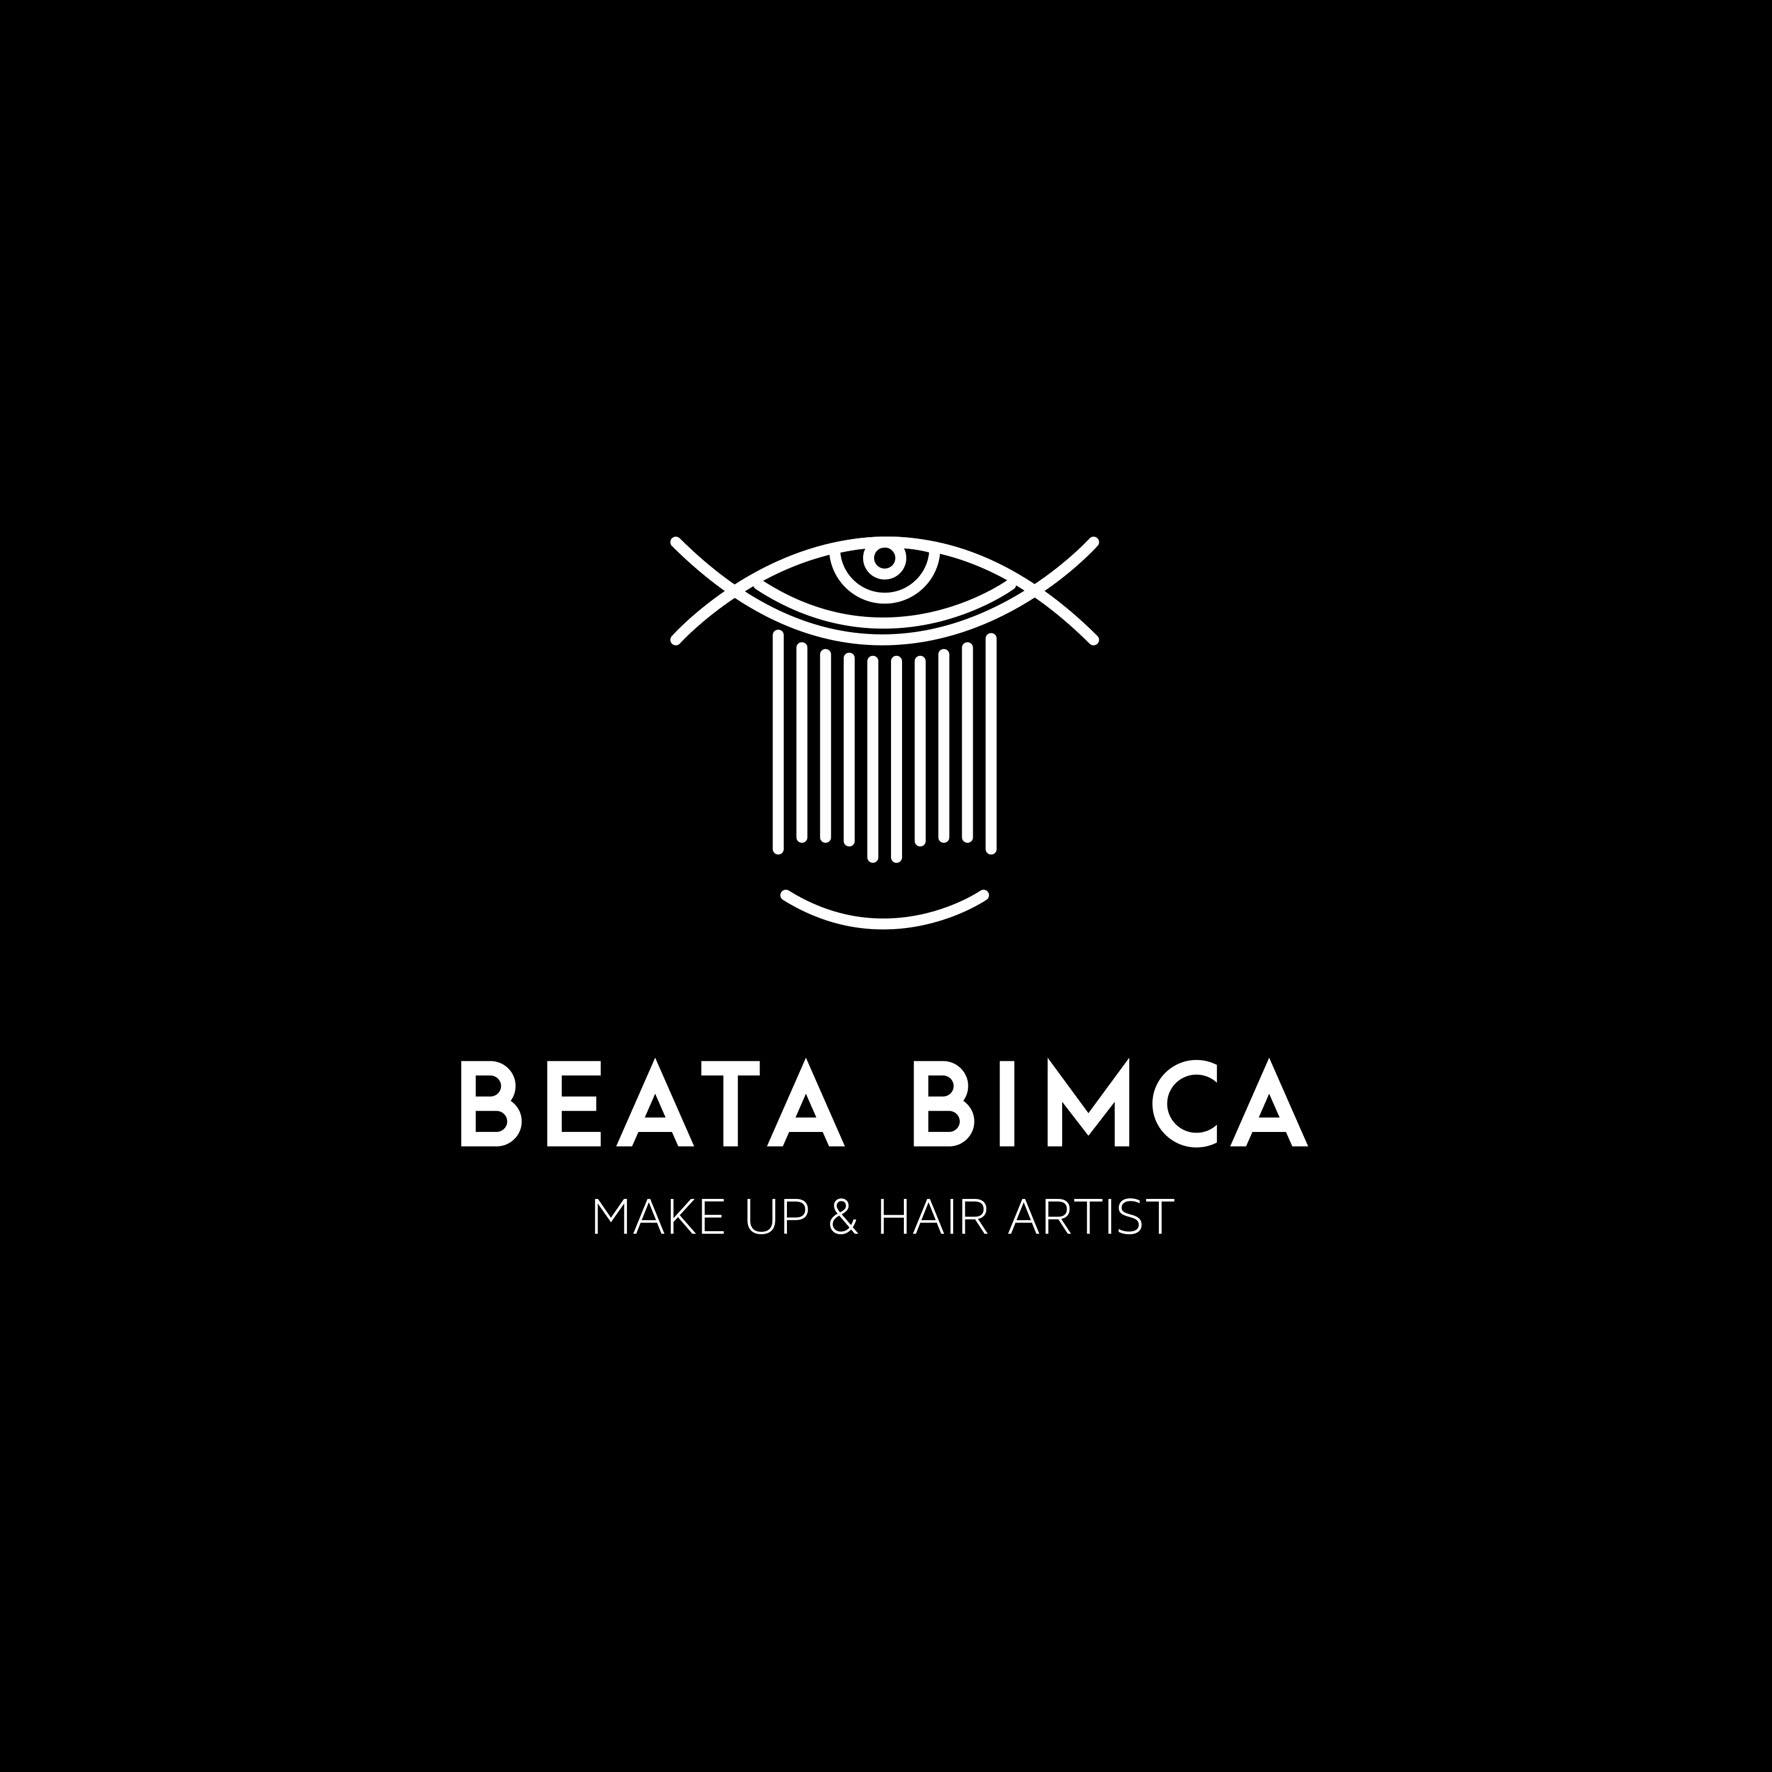 projektowanie-logo-lodz-branding-studio-graficzne-pictoo-lodz-warszawa